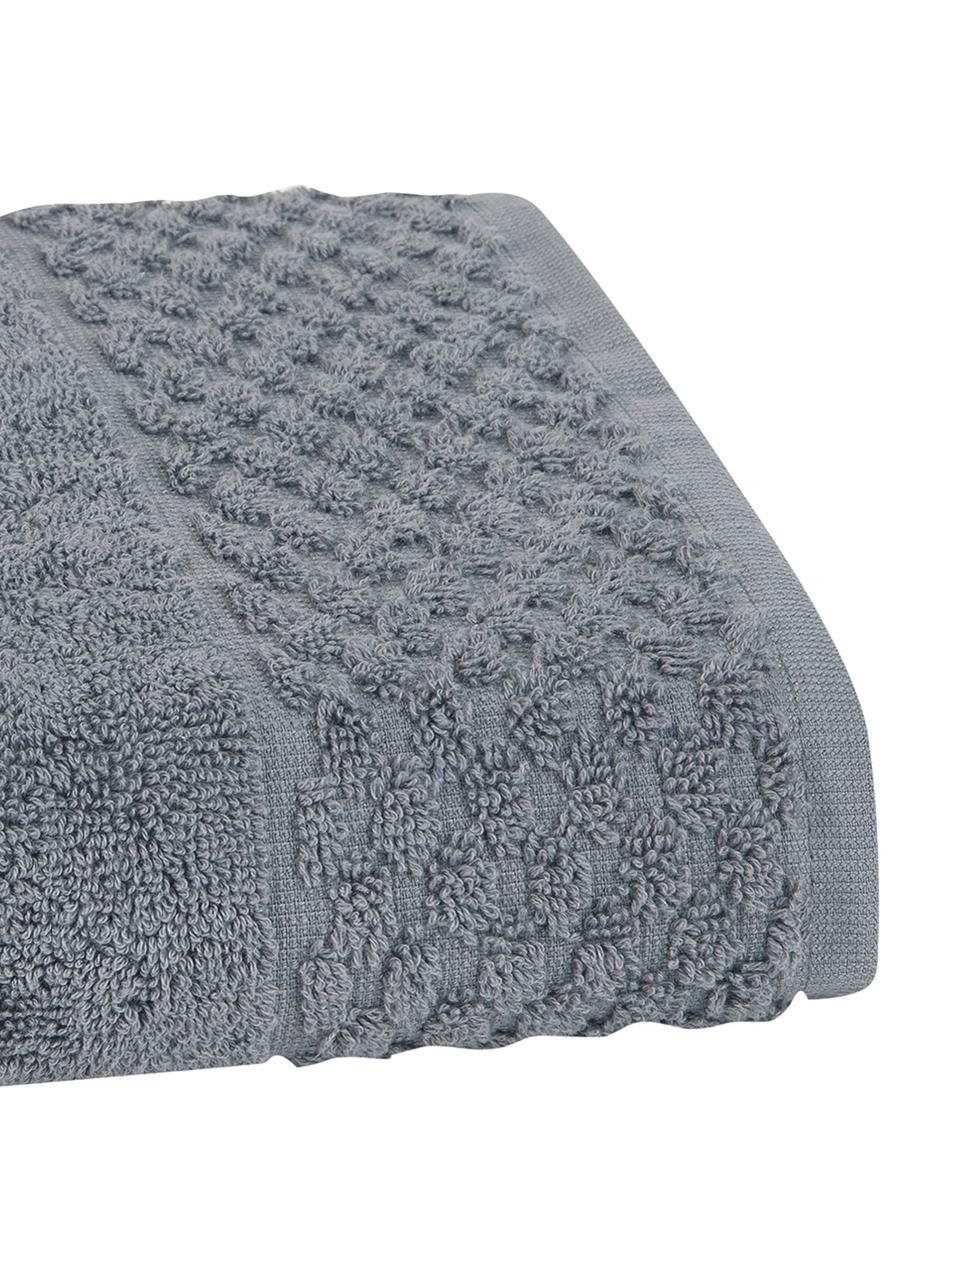 Handtuch Katharina in verschiedenen Größen, mit Wabenmuster, Dunkelgrau, Handtuch